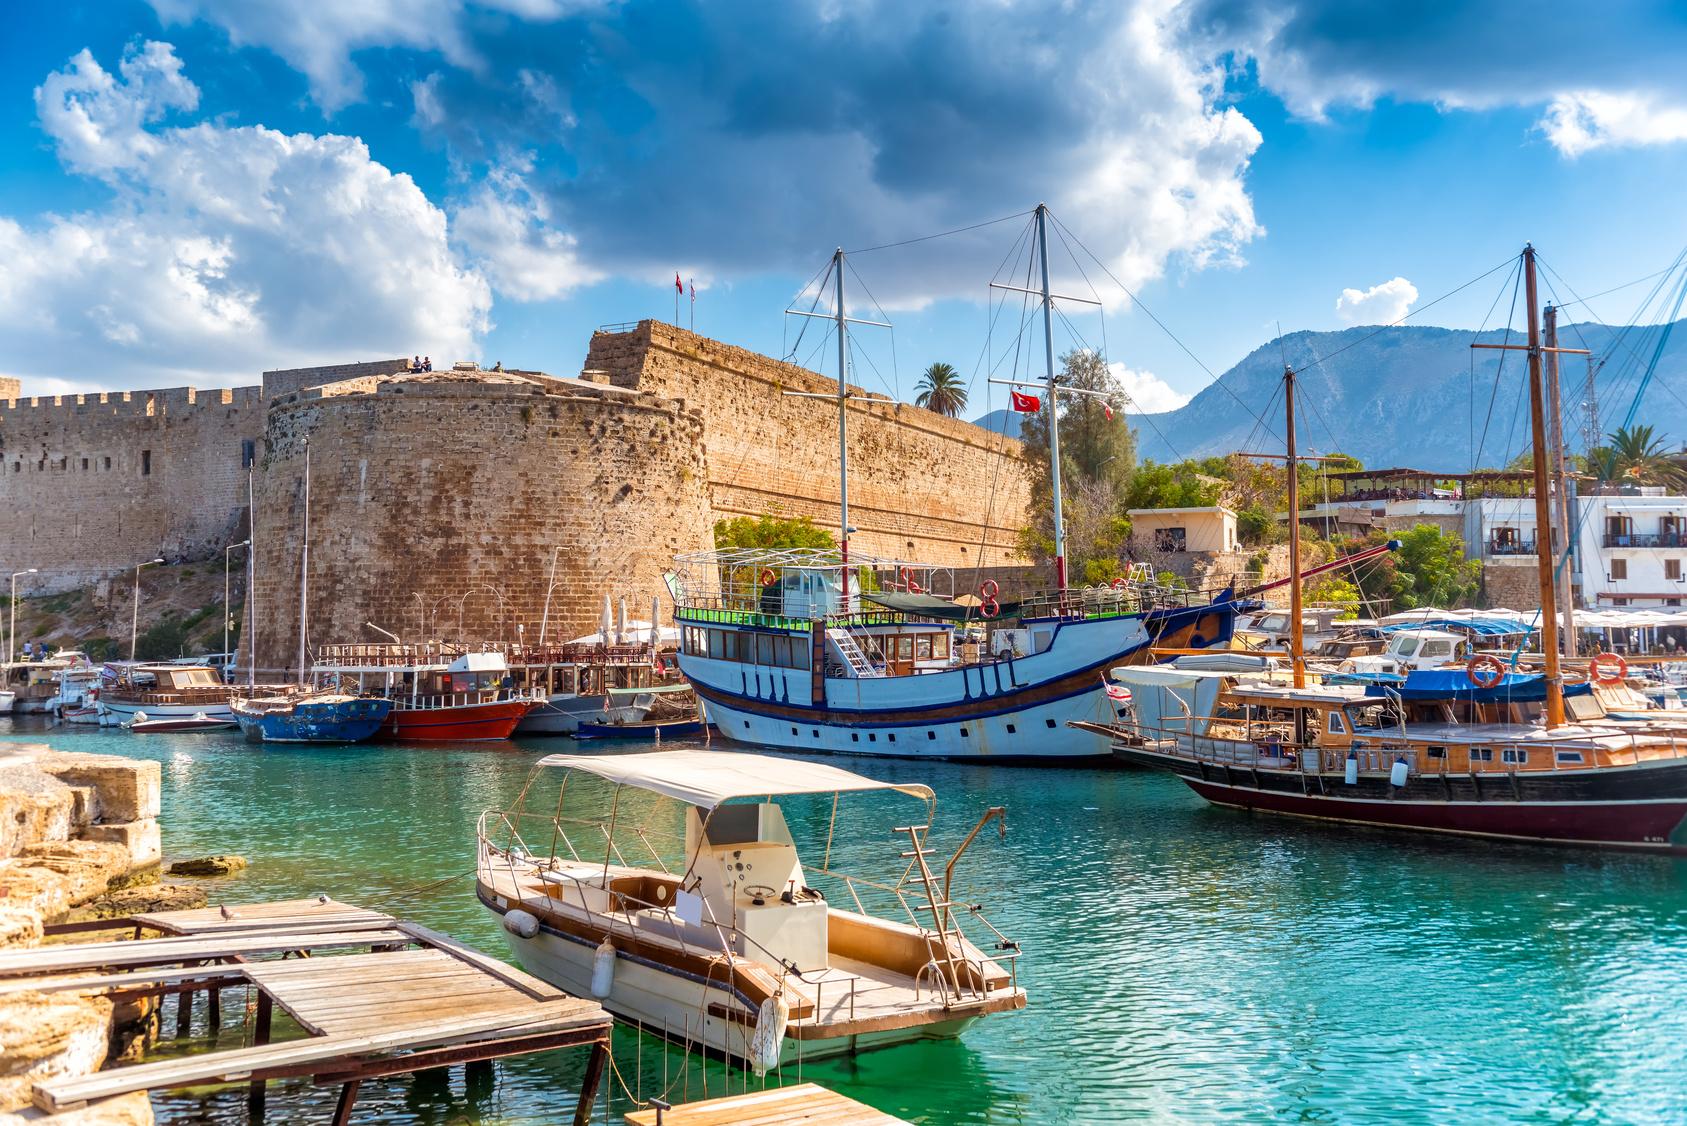 Wakacje na Cyprze - sprawdź oferty Last Minute